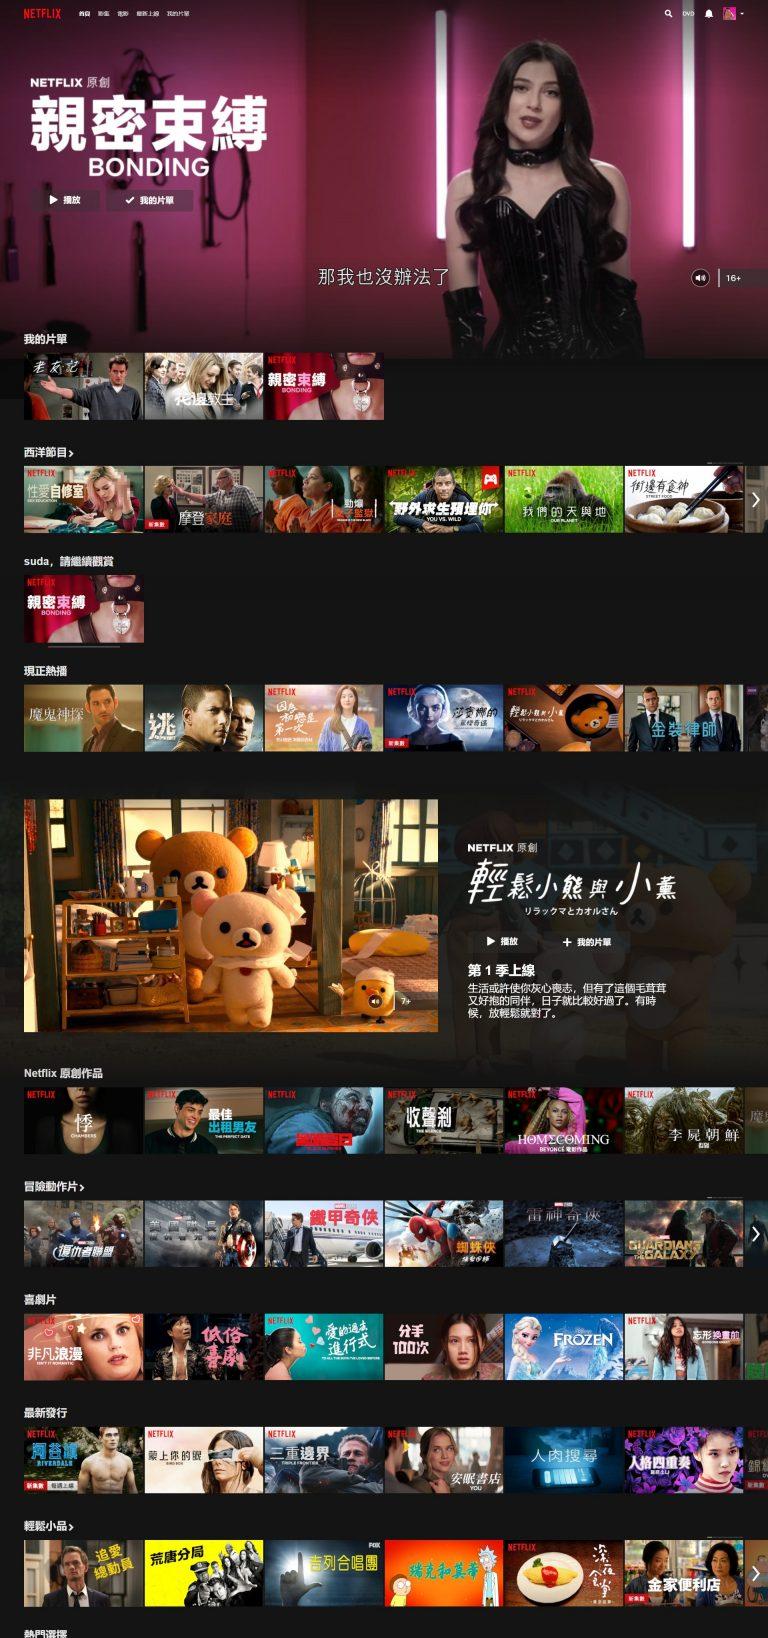 Netflix(网飞)共享账号插图(1)